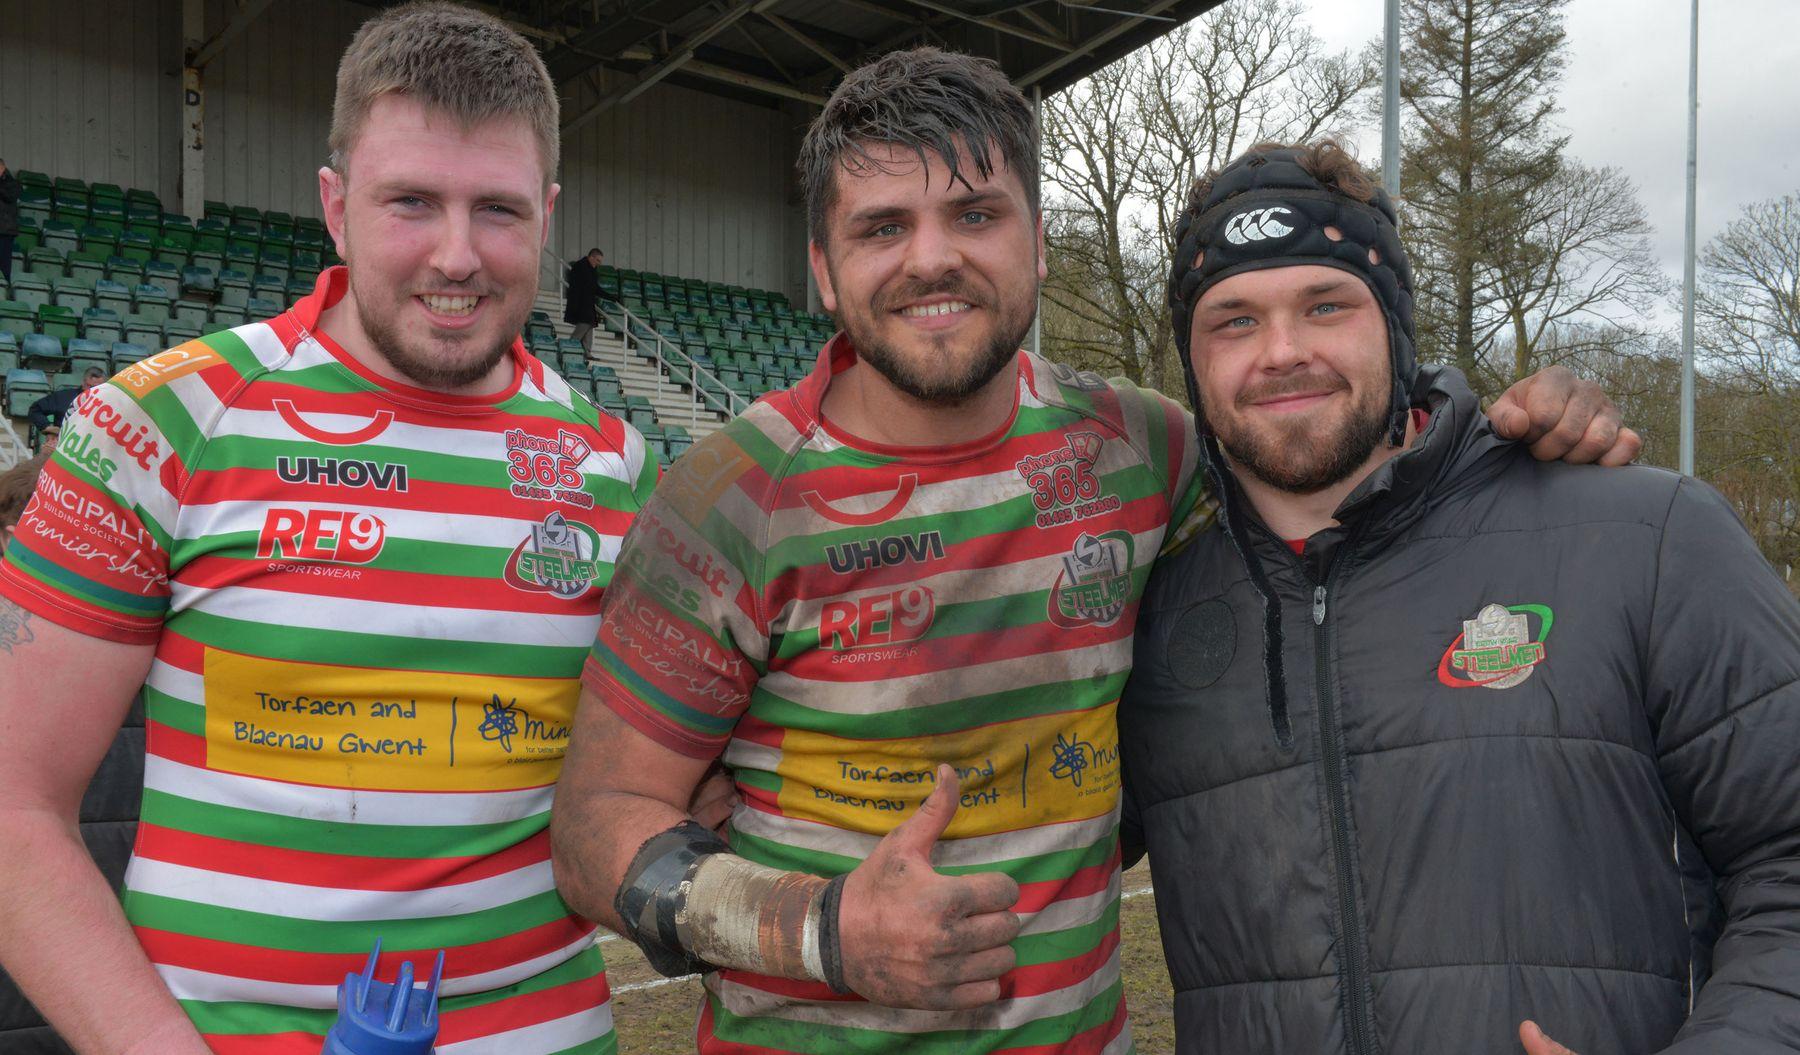 Dragons give Sweet shot at regional success